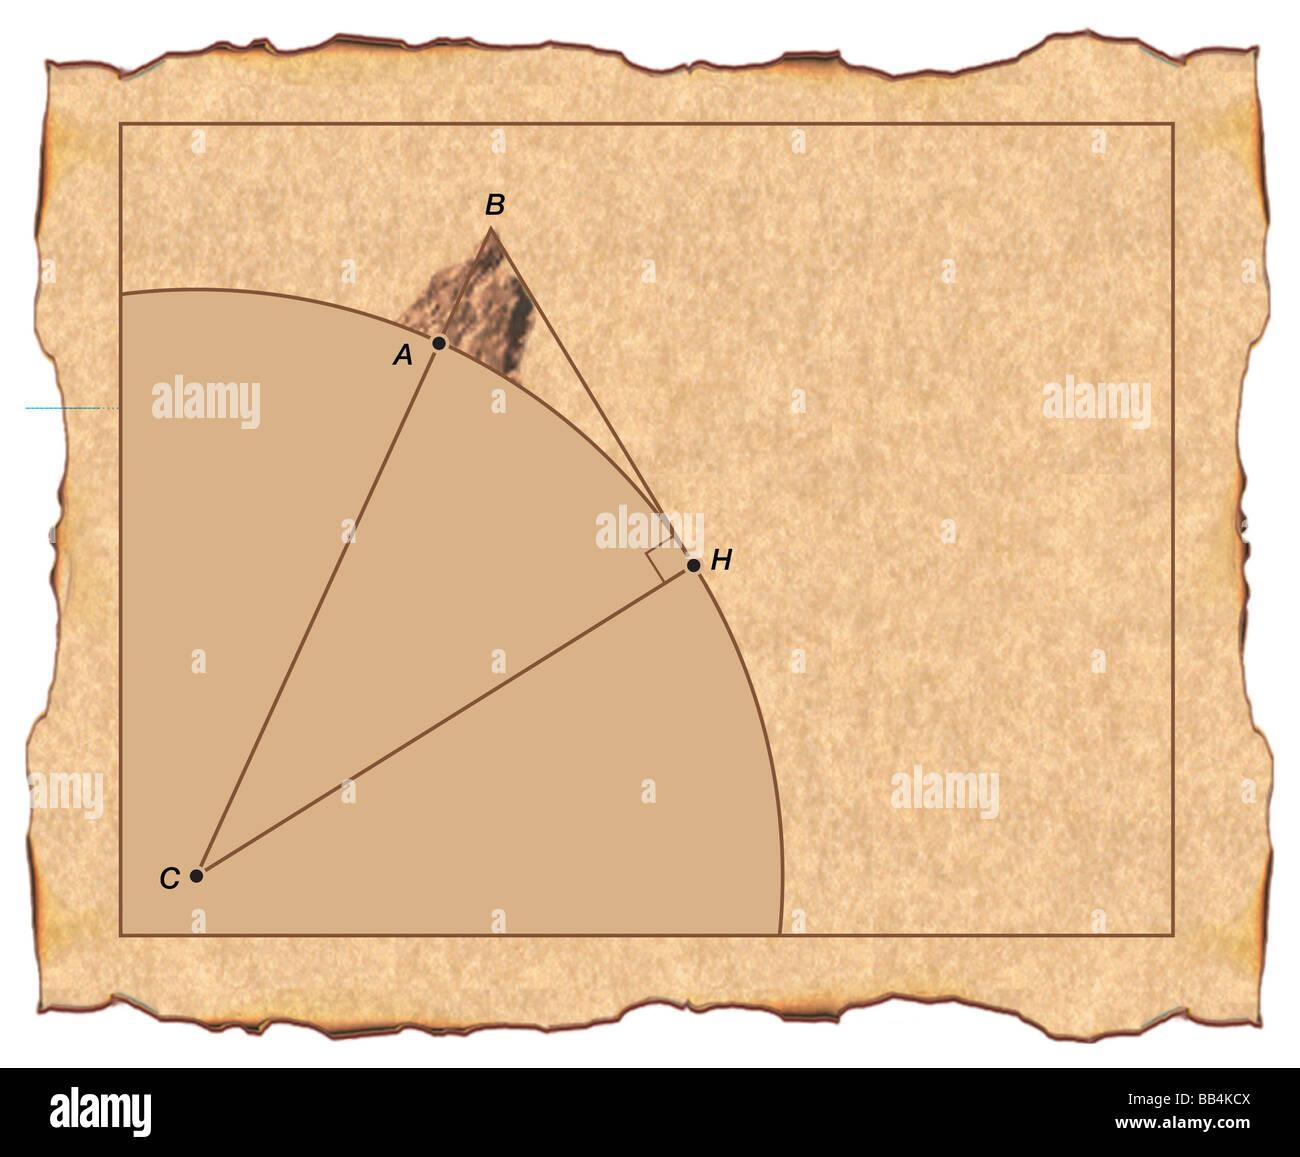 Mittelalterliche arabische Methode zur Messung der Erde. Stockbild